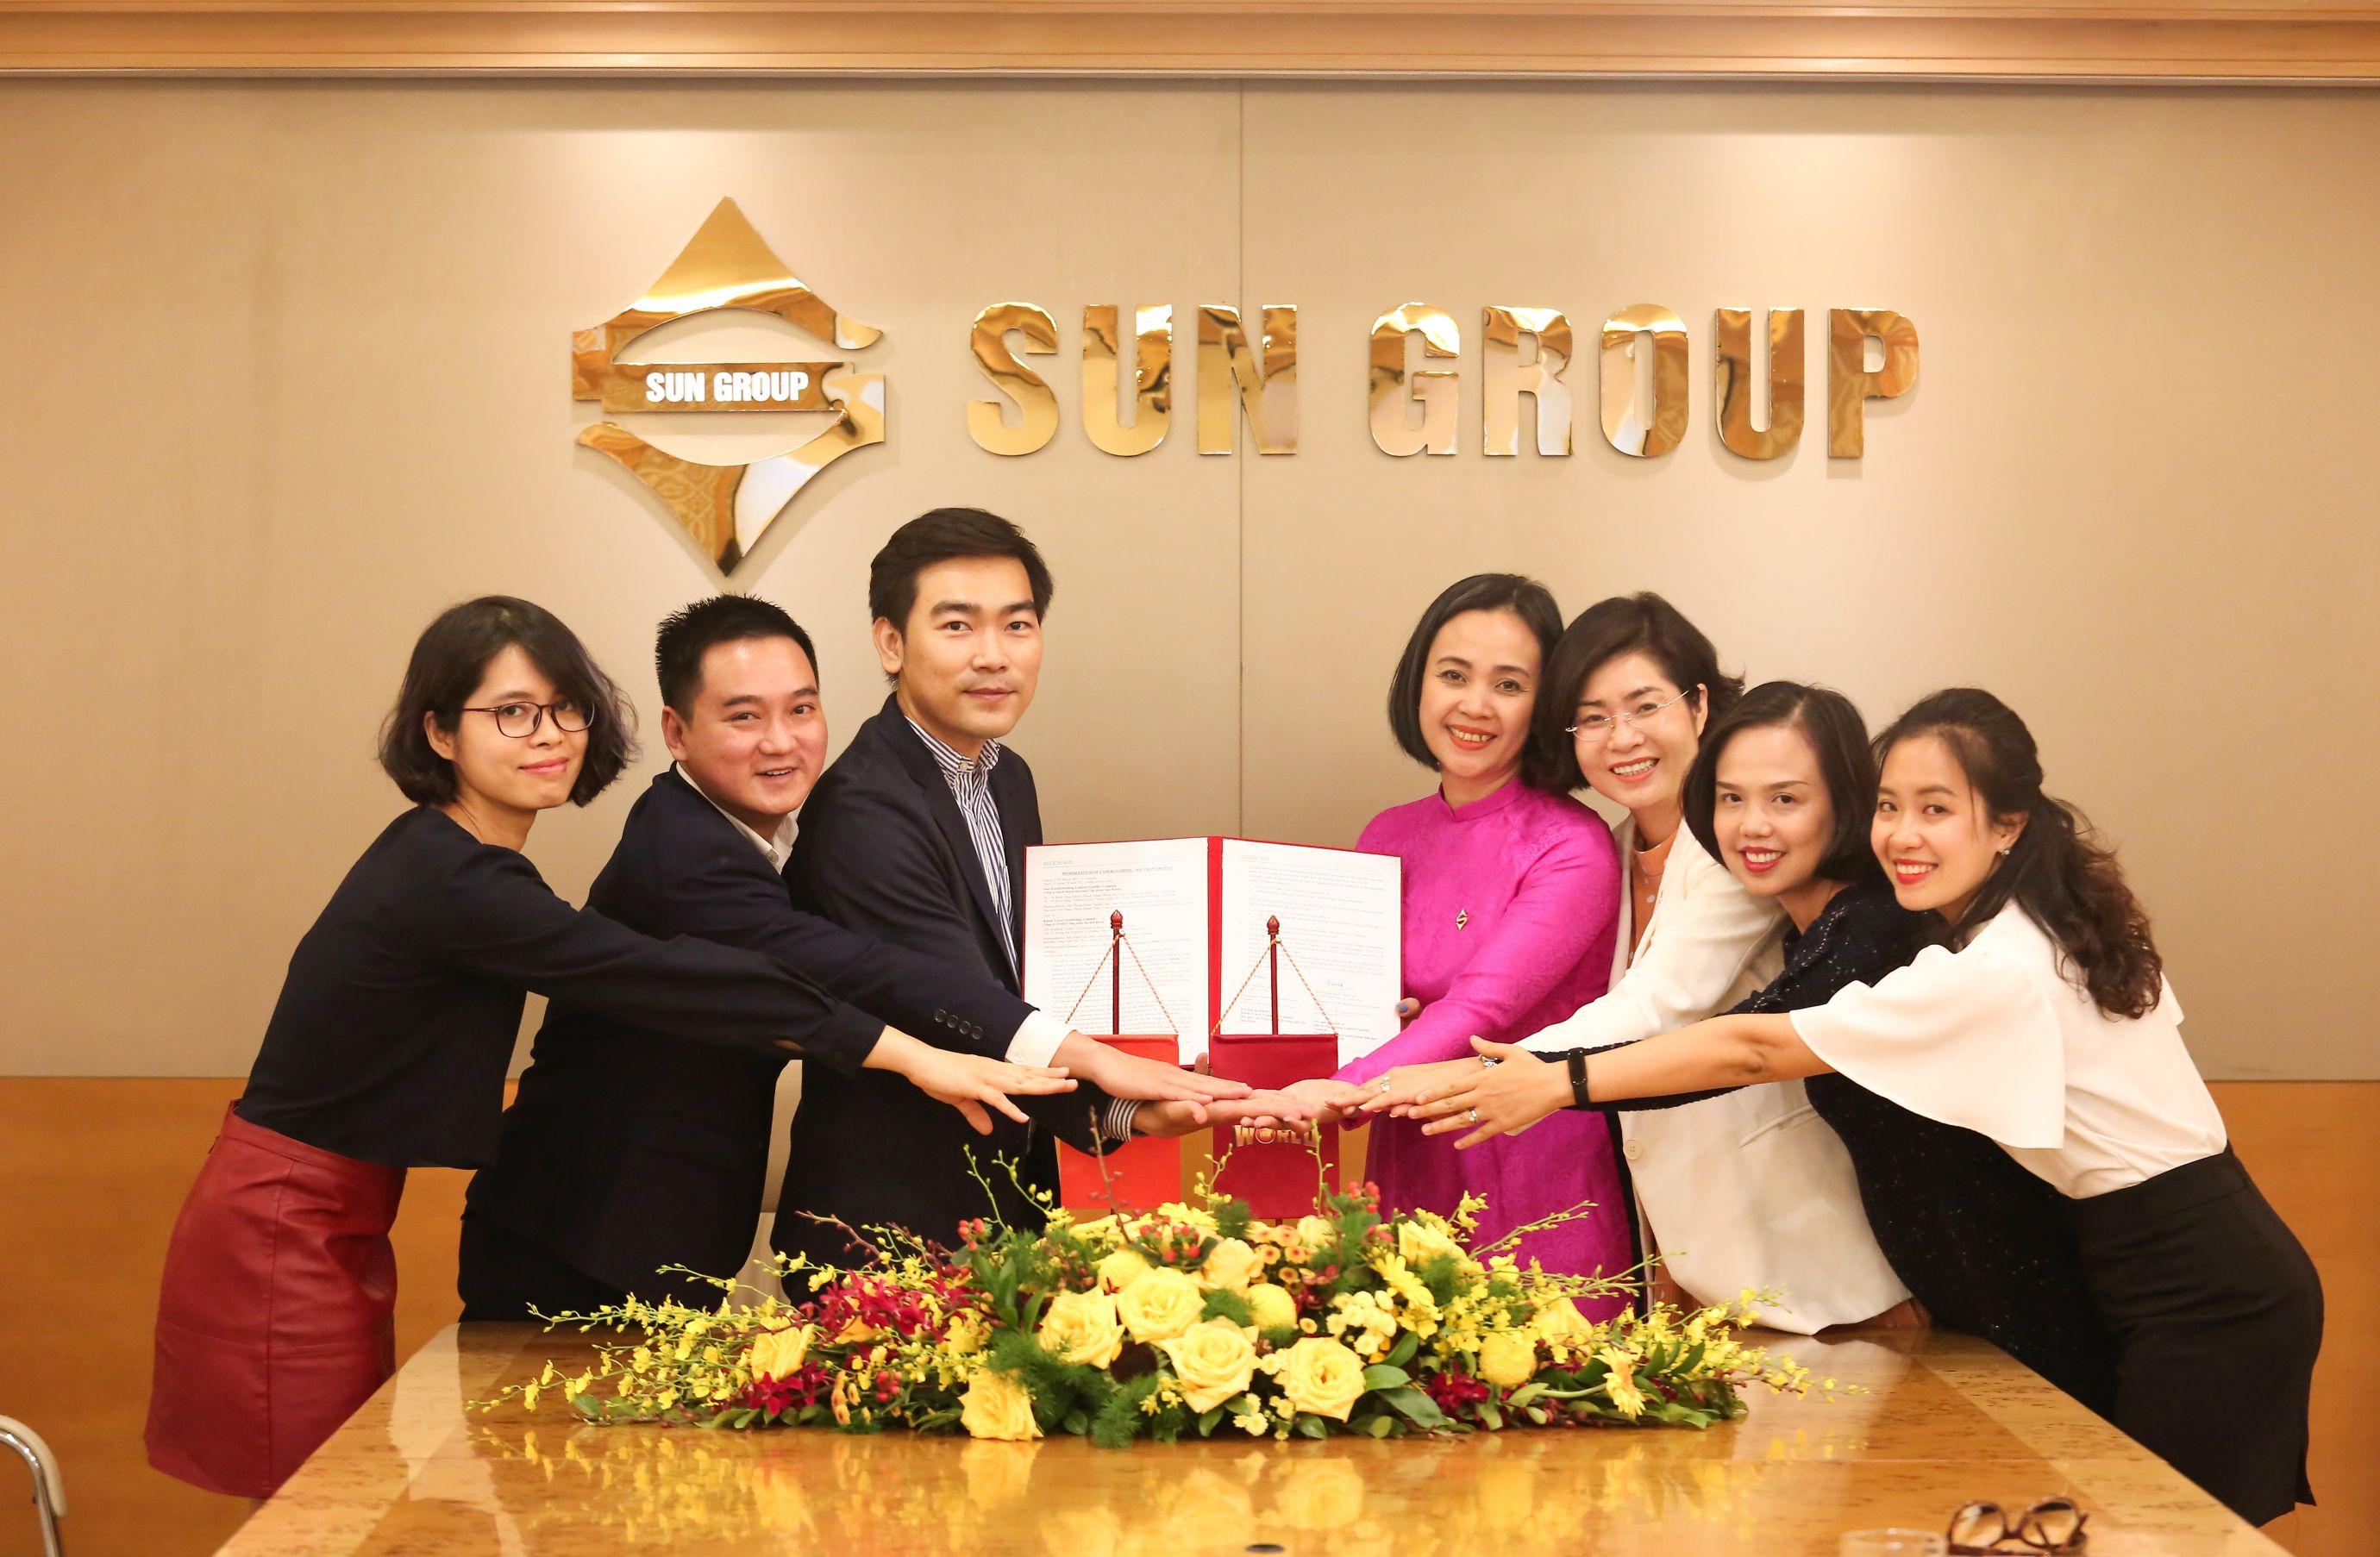 2C9A8853.JPG Sun World và Klook công bố quan hệ đối tác chiến lượcnhằm thúc đẩy du lịch trong nước năm 2021